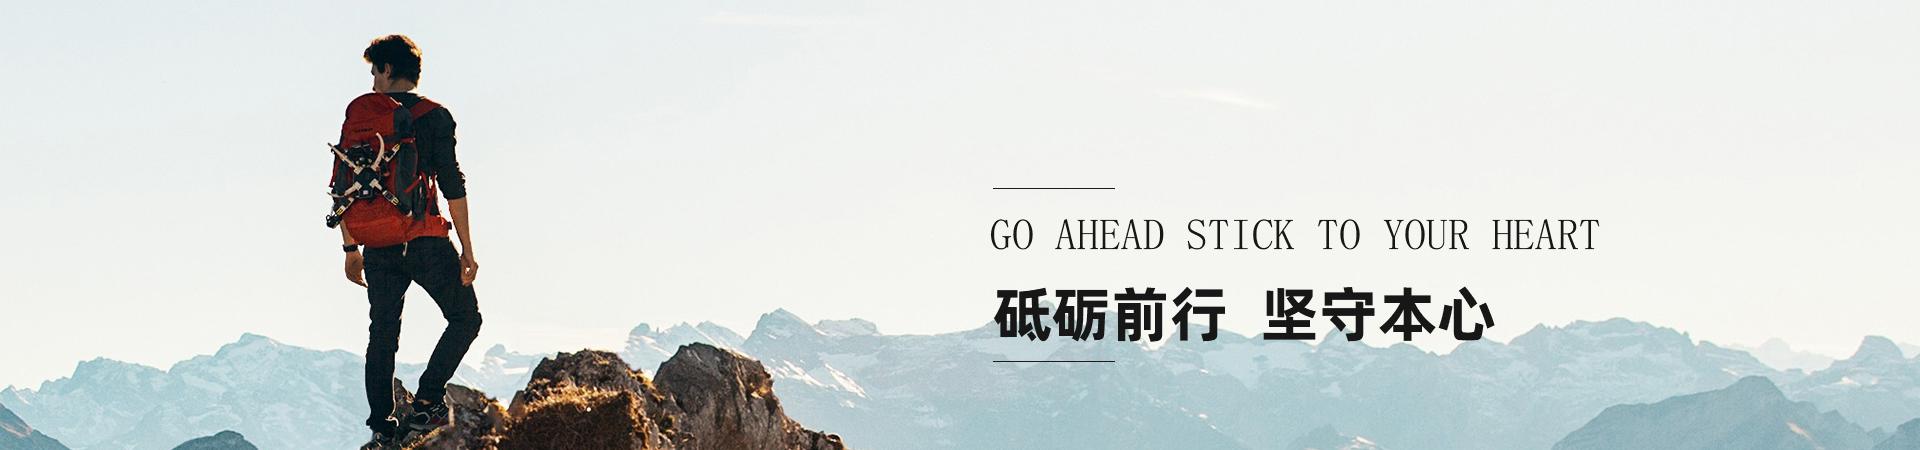 http://www.xxfuchen.cn/data/upload/202007/20200725085700_537.jpg